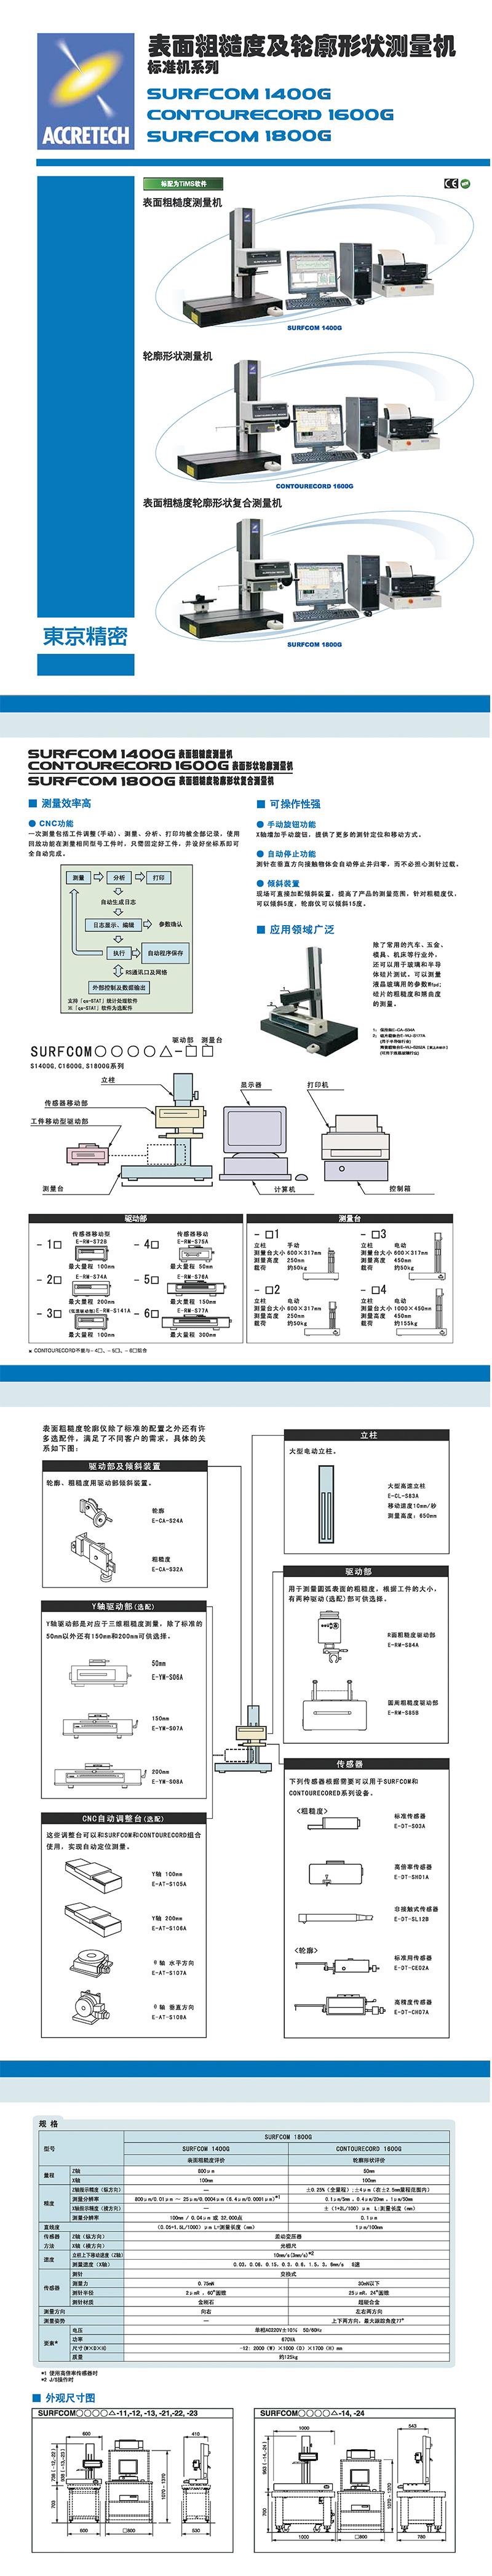 S1400G C1600G S1800G粗糙度及轮廓形状复合机